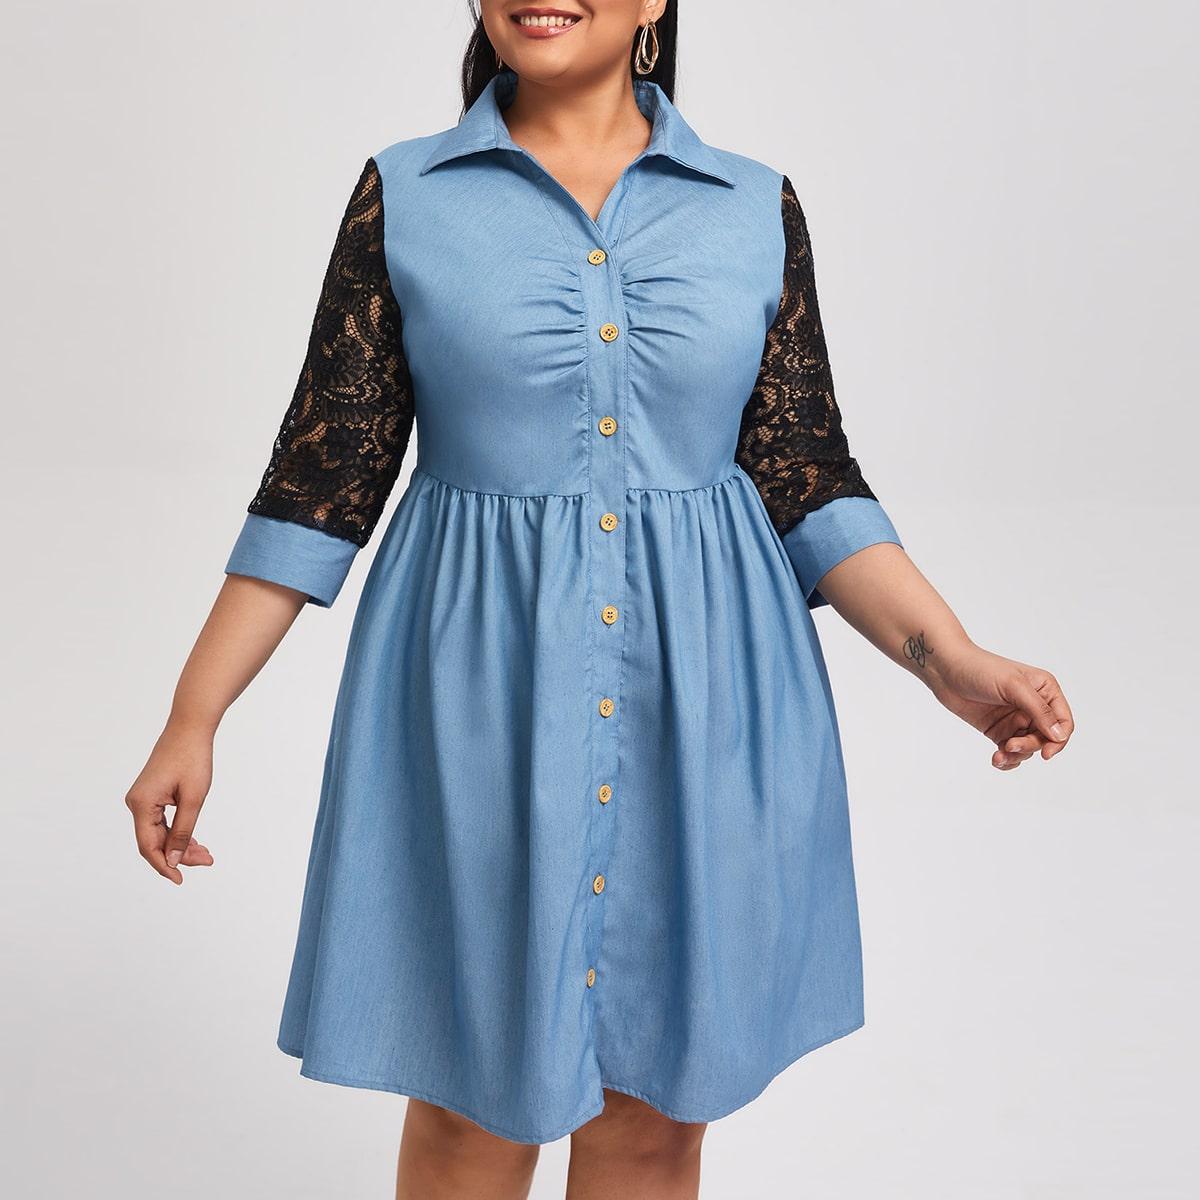 Контрастные кружева Контрастный цвет Элегантный Джинсовые платья размер плюс